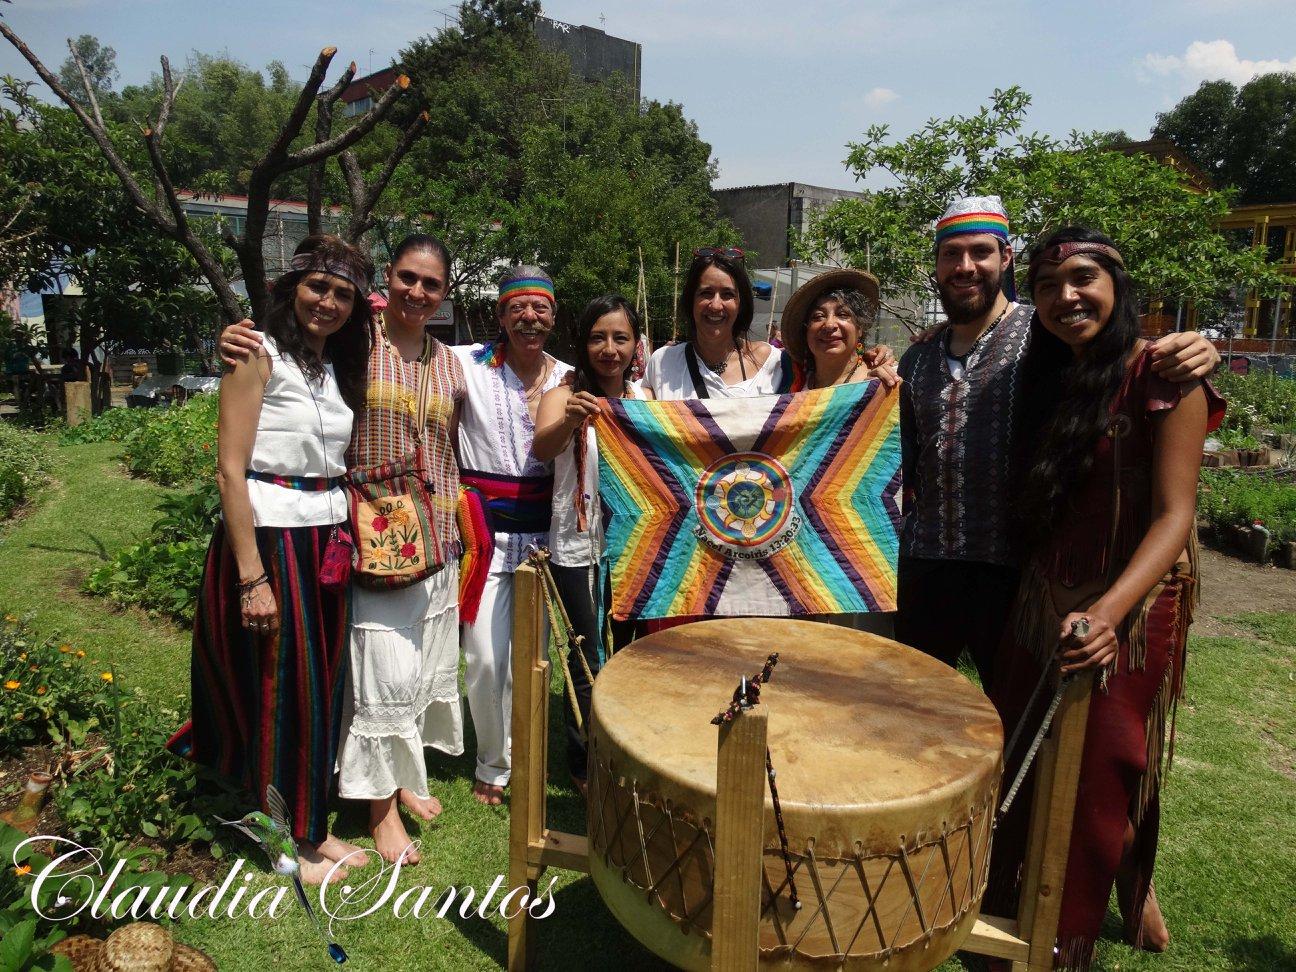 Festival Día de la Tierra